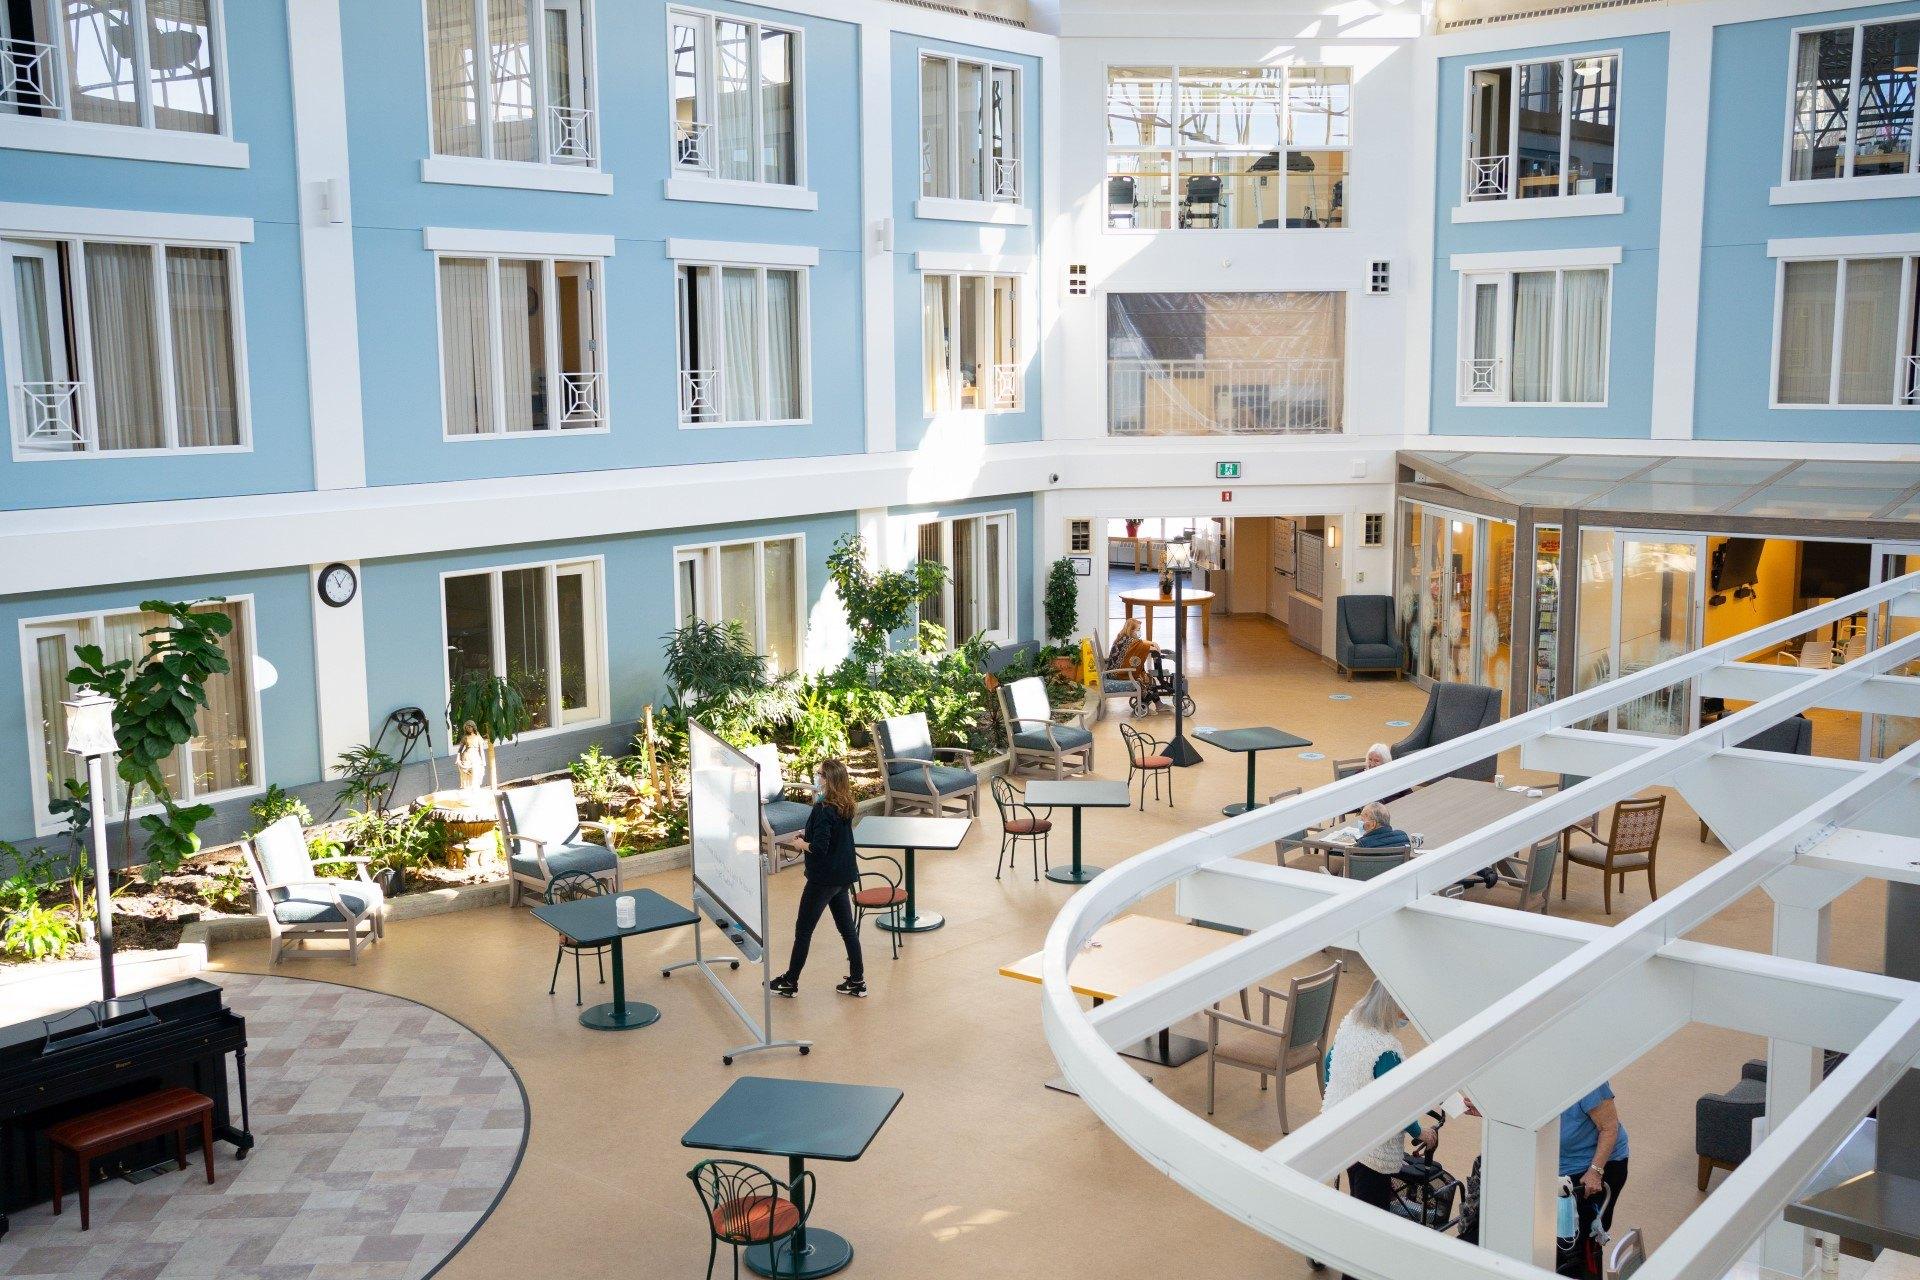 Atrium at Spruce community